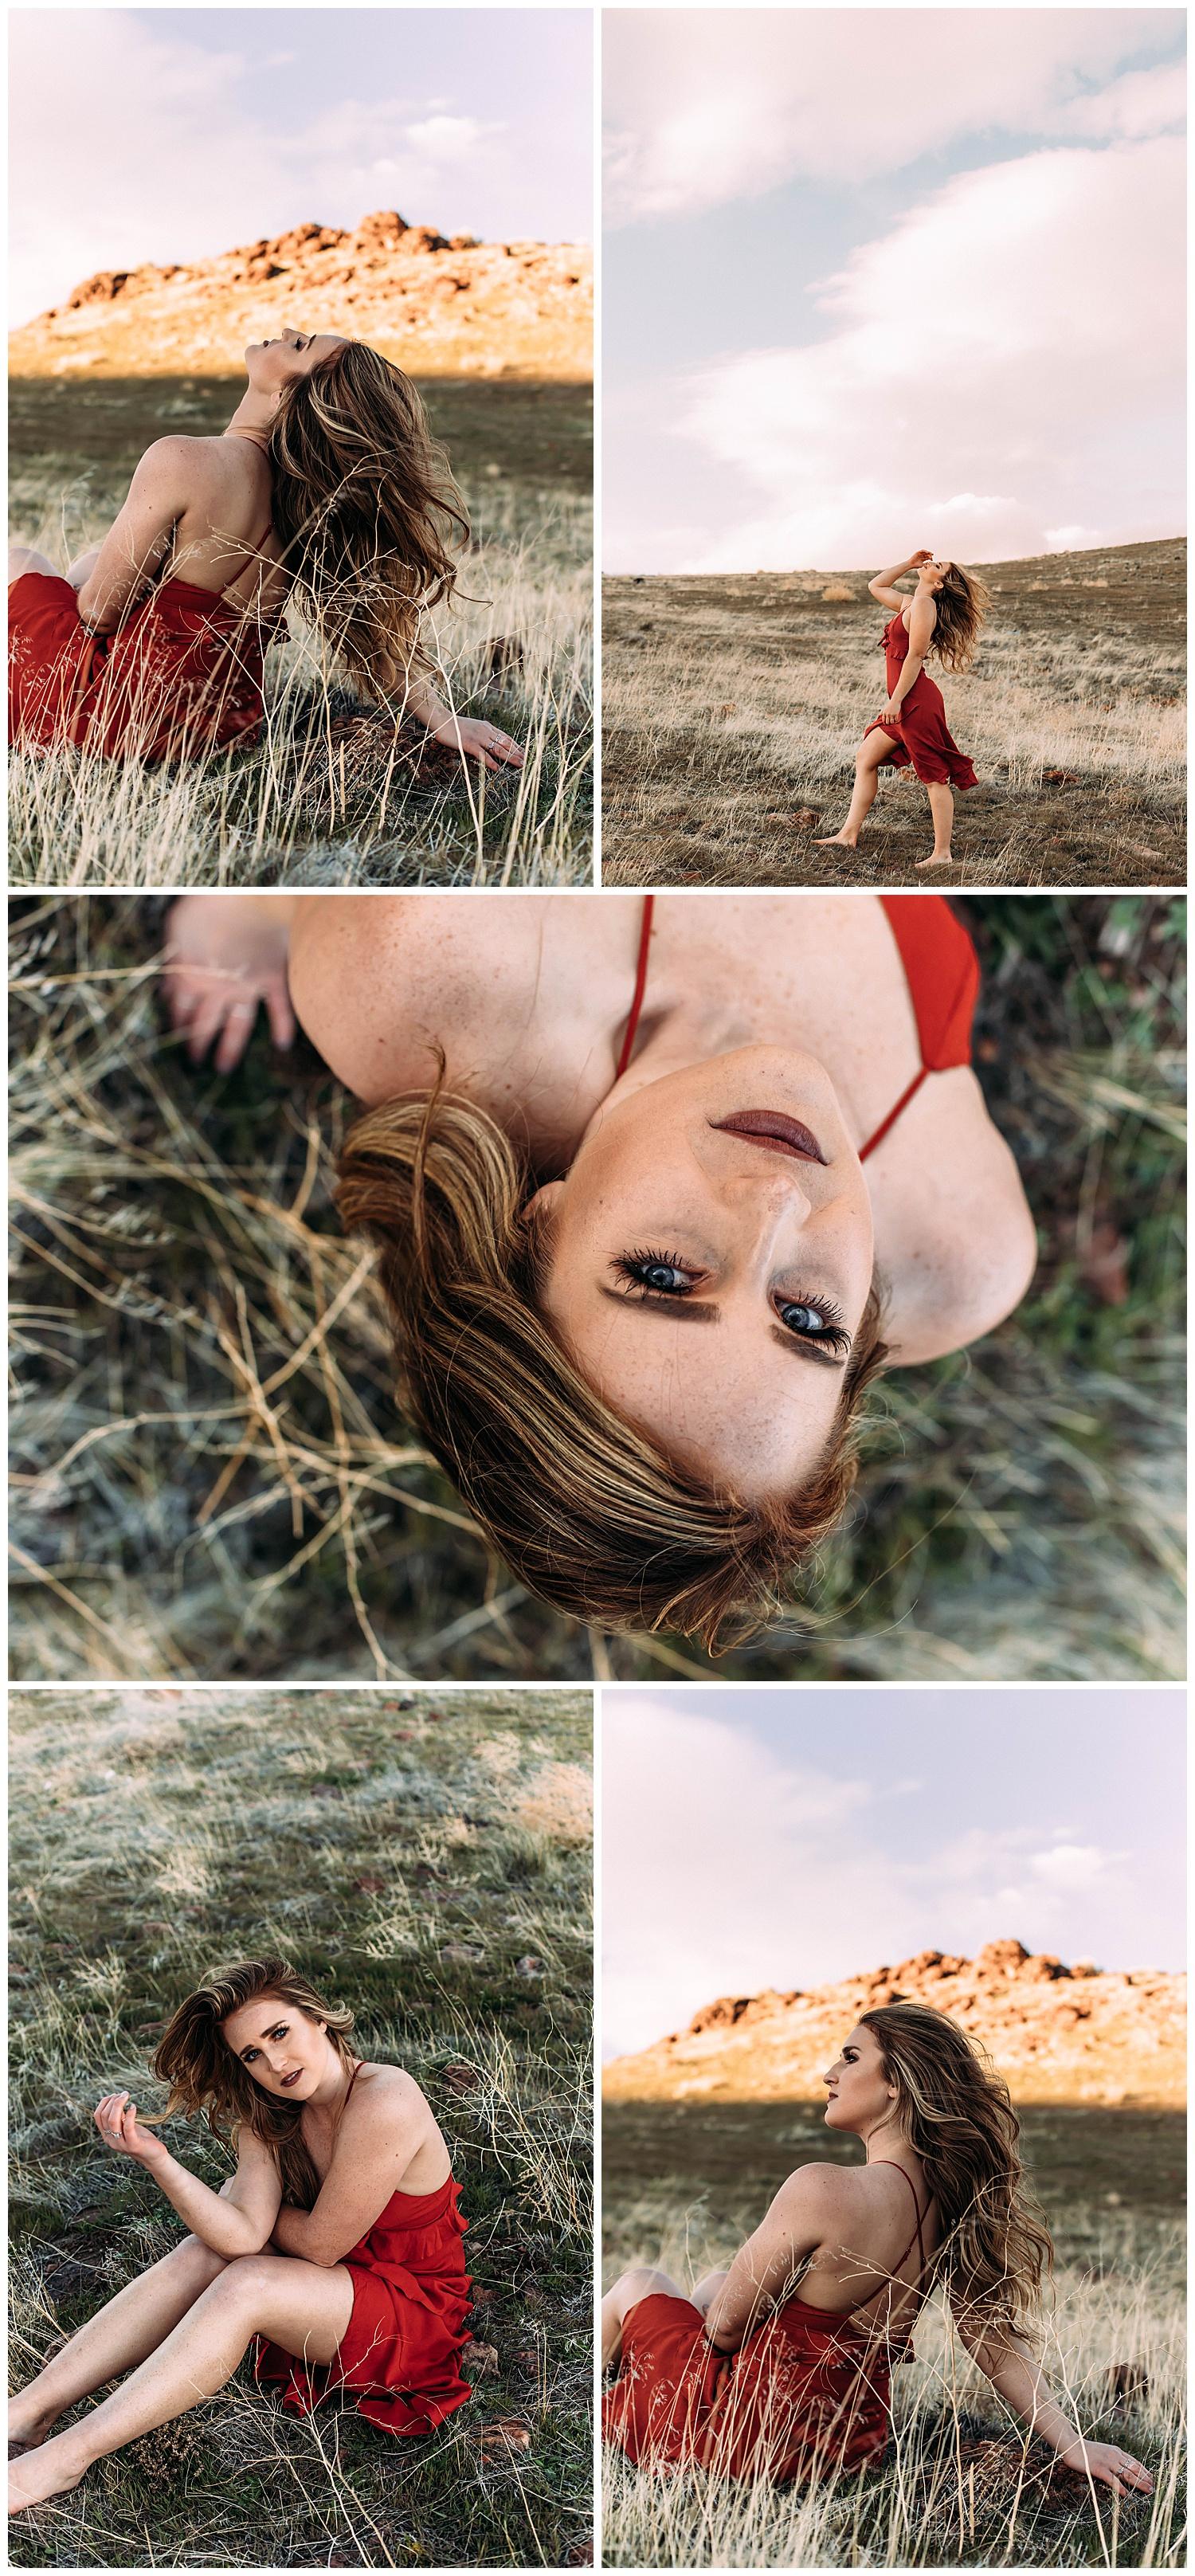 Haylee Hoelzel | Ashlyn Savannah Photo | Reno, NV 123456.jpg